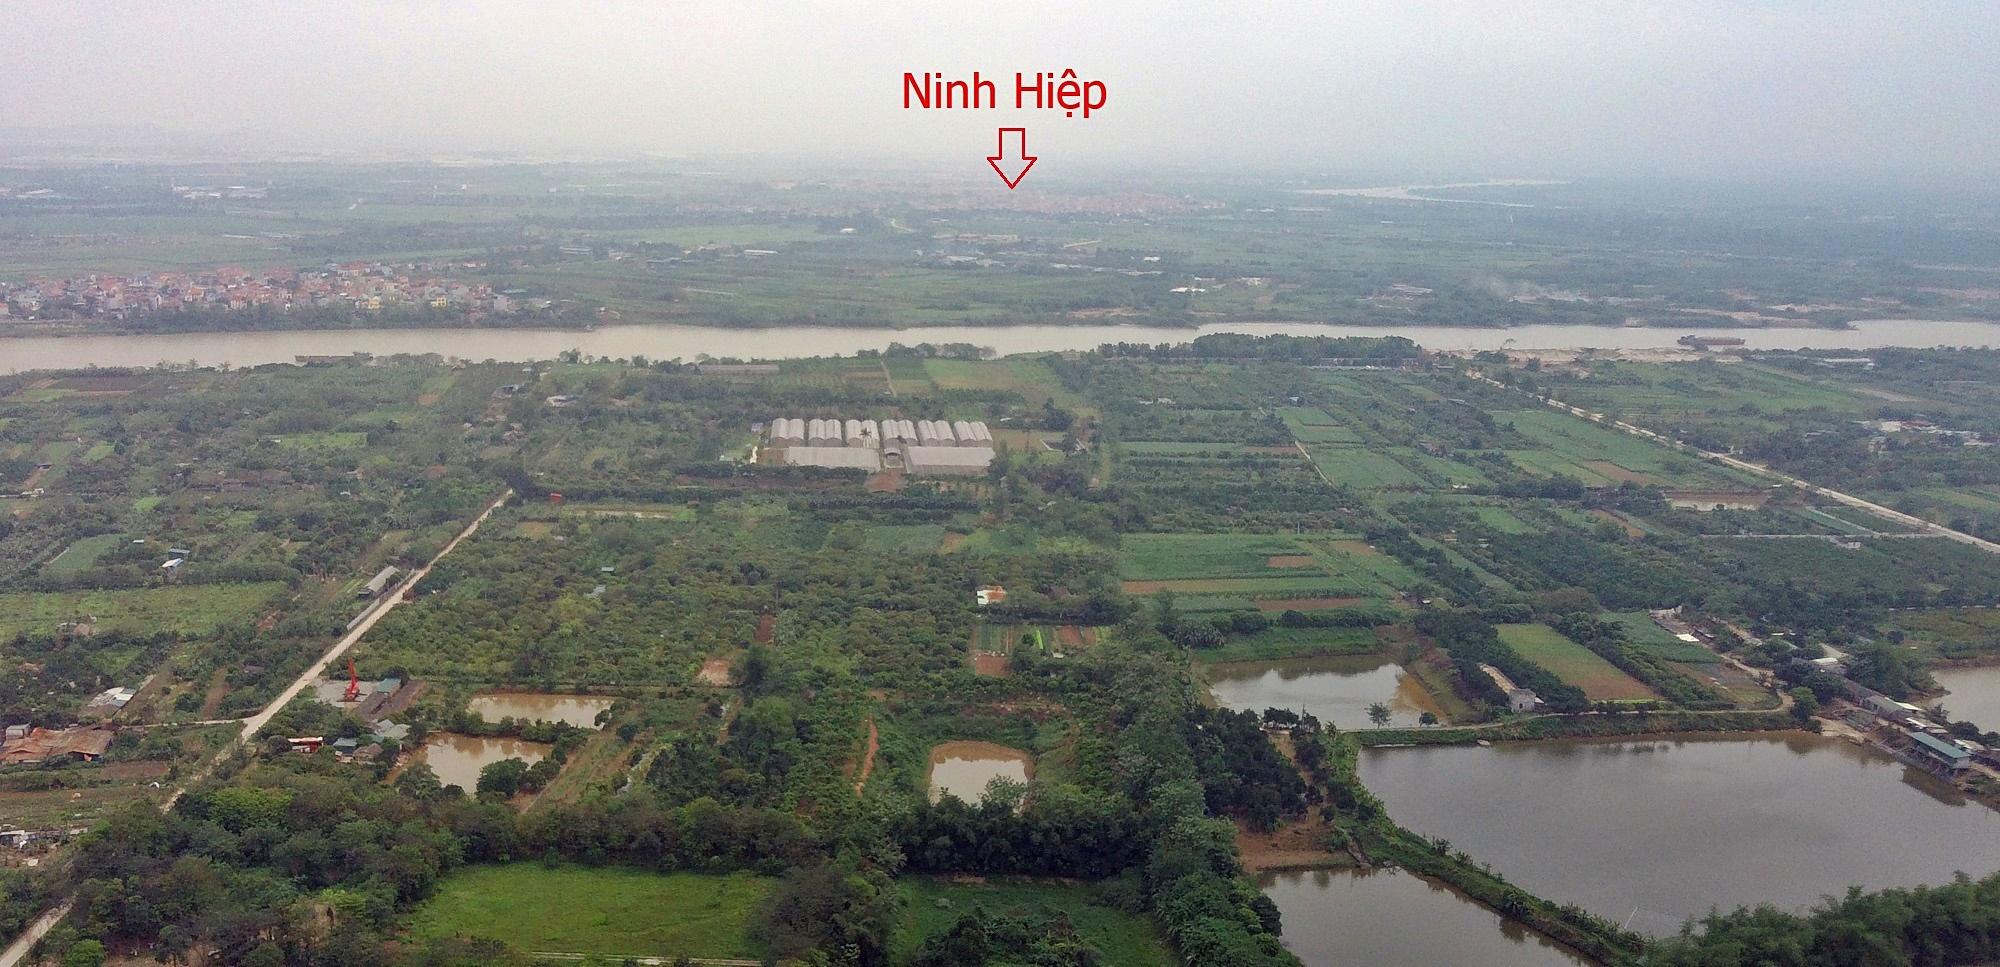 Cầu sẽ mở theo qui hoạch ở Hà Nội: Toành cảnh vị trí làm cầu Giang Biên - Ảnh 7.